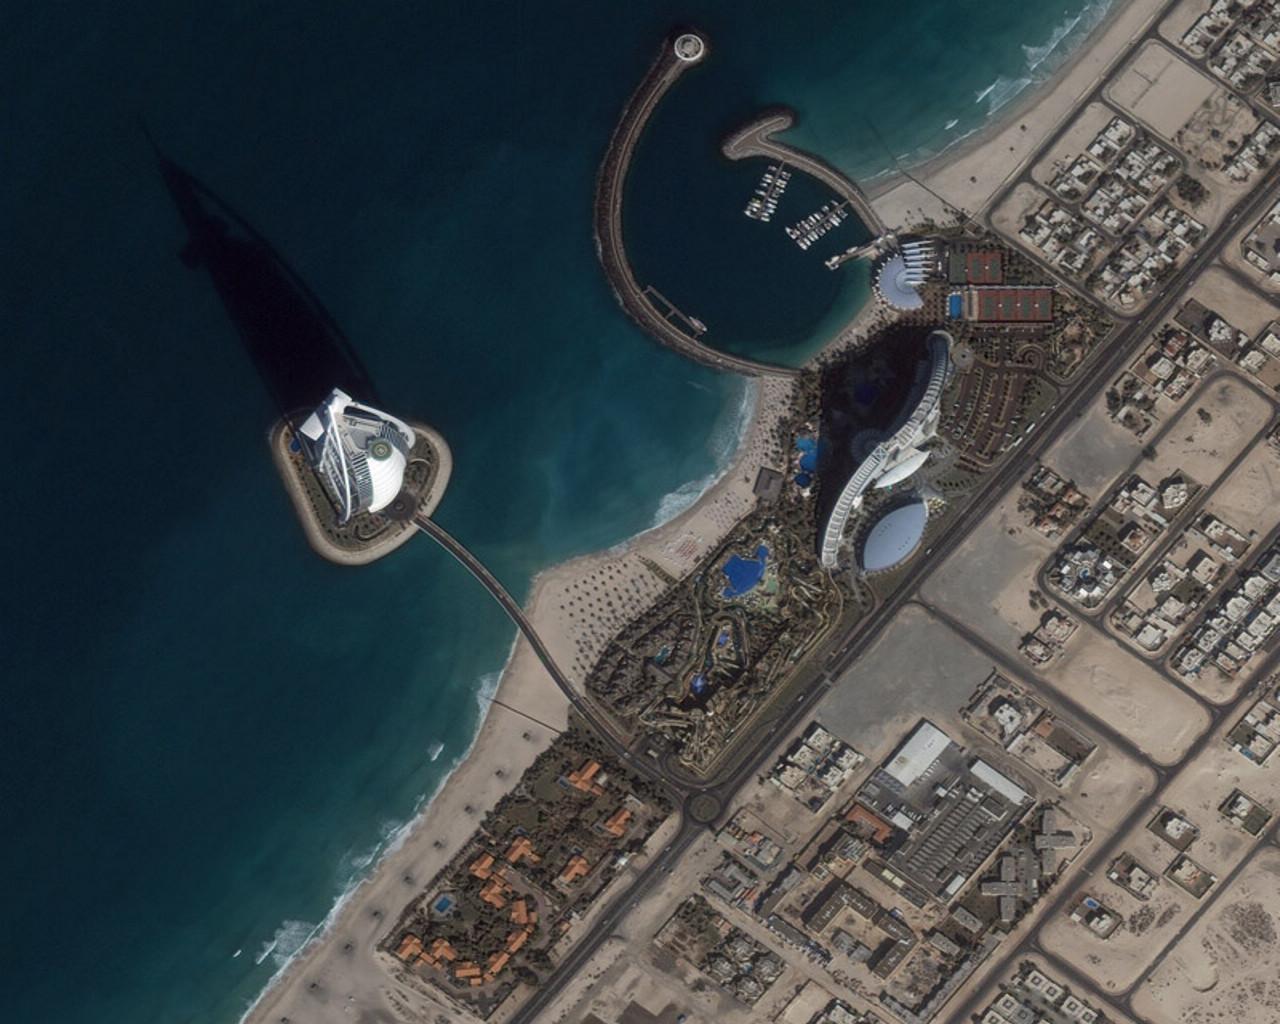 http://2.bp.blogspot.com/-rkWZws8bL4E/TdJN2D5vdTI/AAAAAAAACl8/2mgbhjFa6Ao/s1600/dubai_united_arab_emirates_burj_al_arab_superel_ikonoswall.jpg